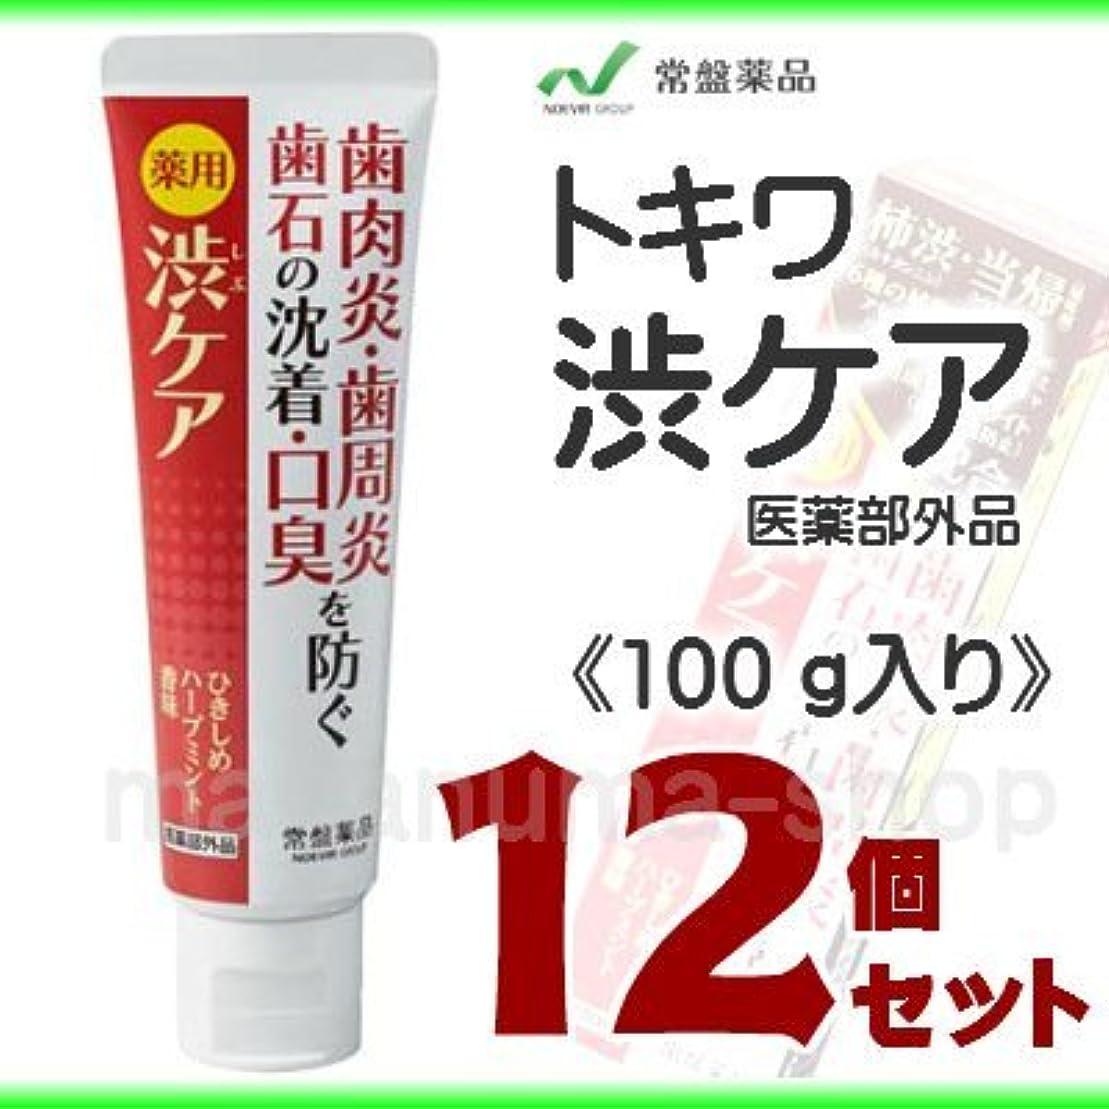 連想パキスタンクレタトキワ 薬用渋ケア (100g) 12個セット